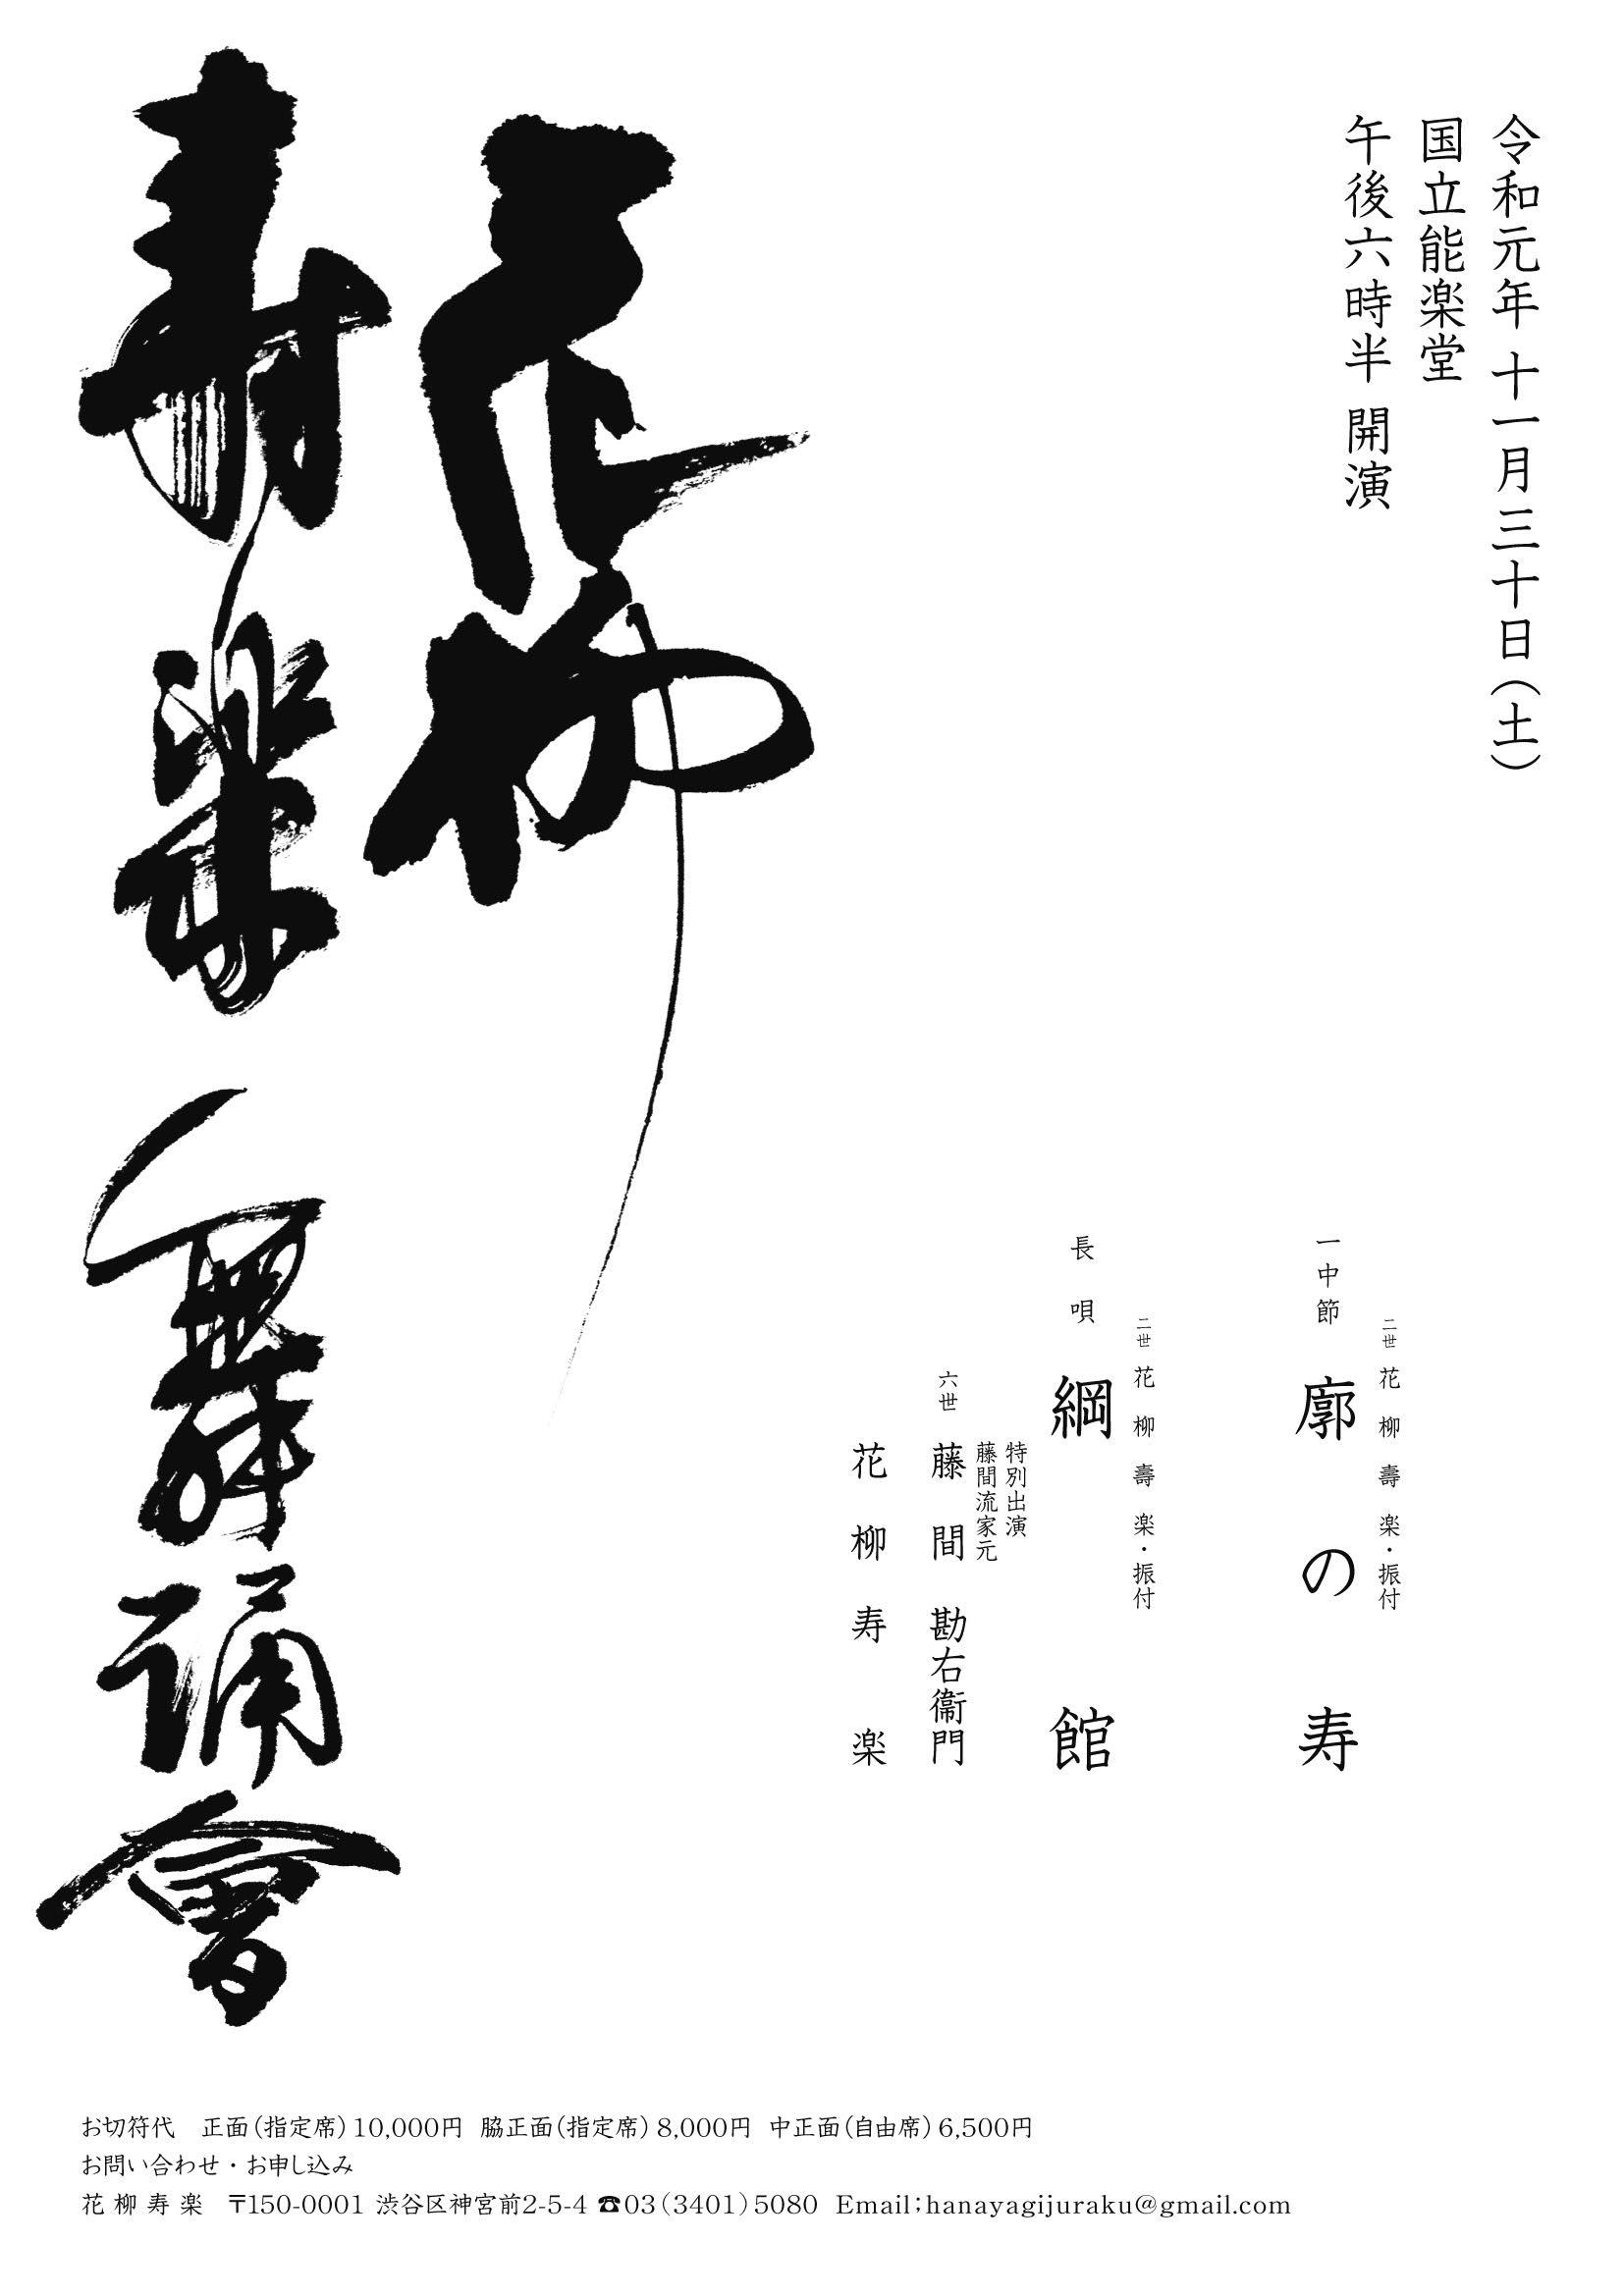 第四回「花柳寿楽舞踊會」ポスター